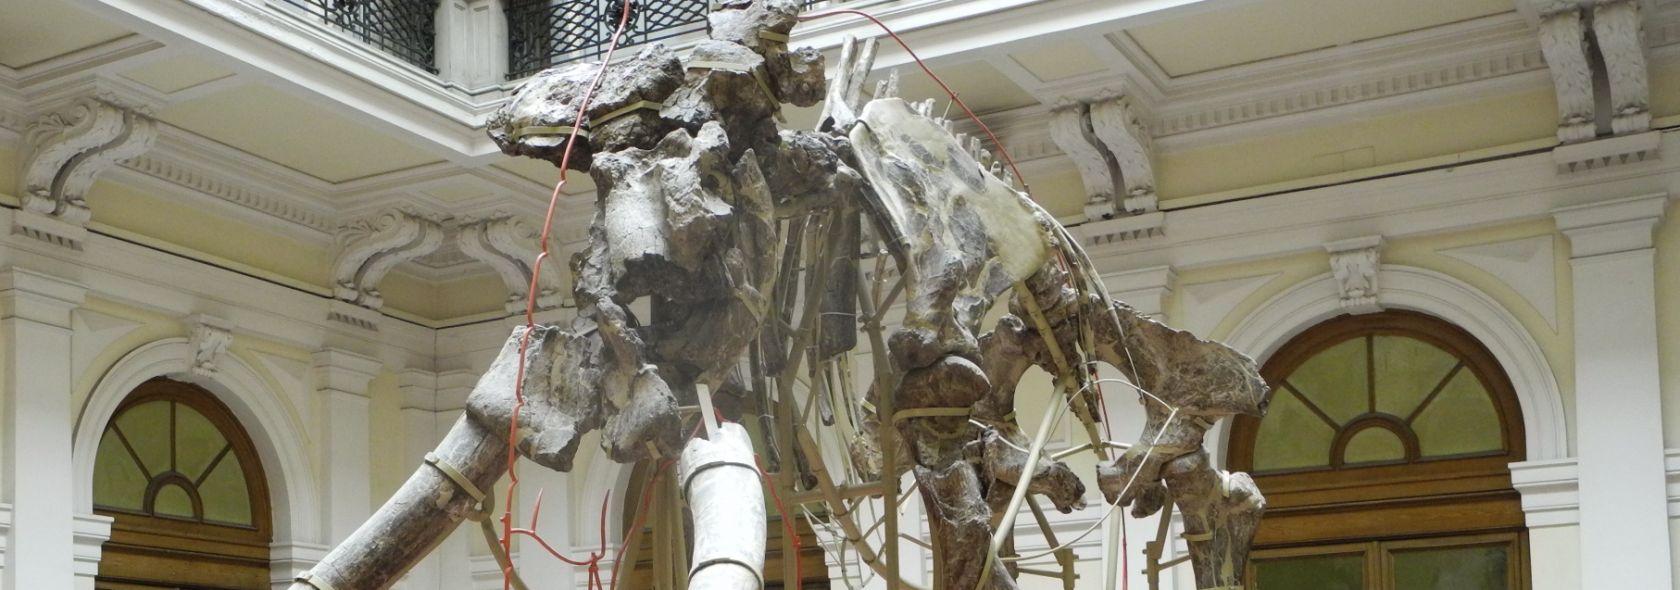 Museo Doria - Elefante italico